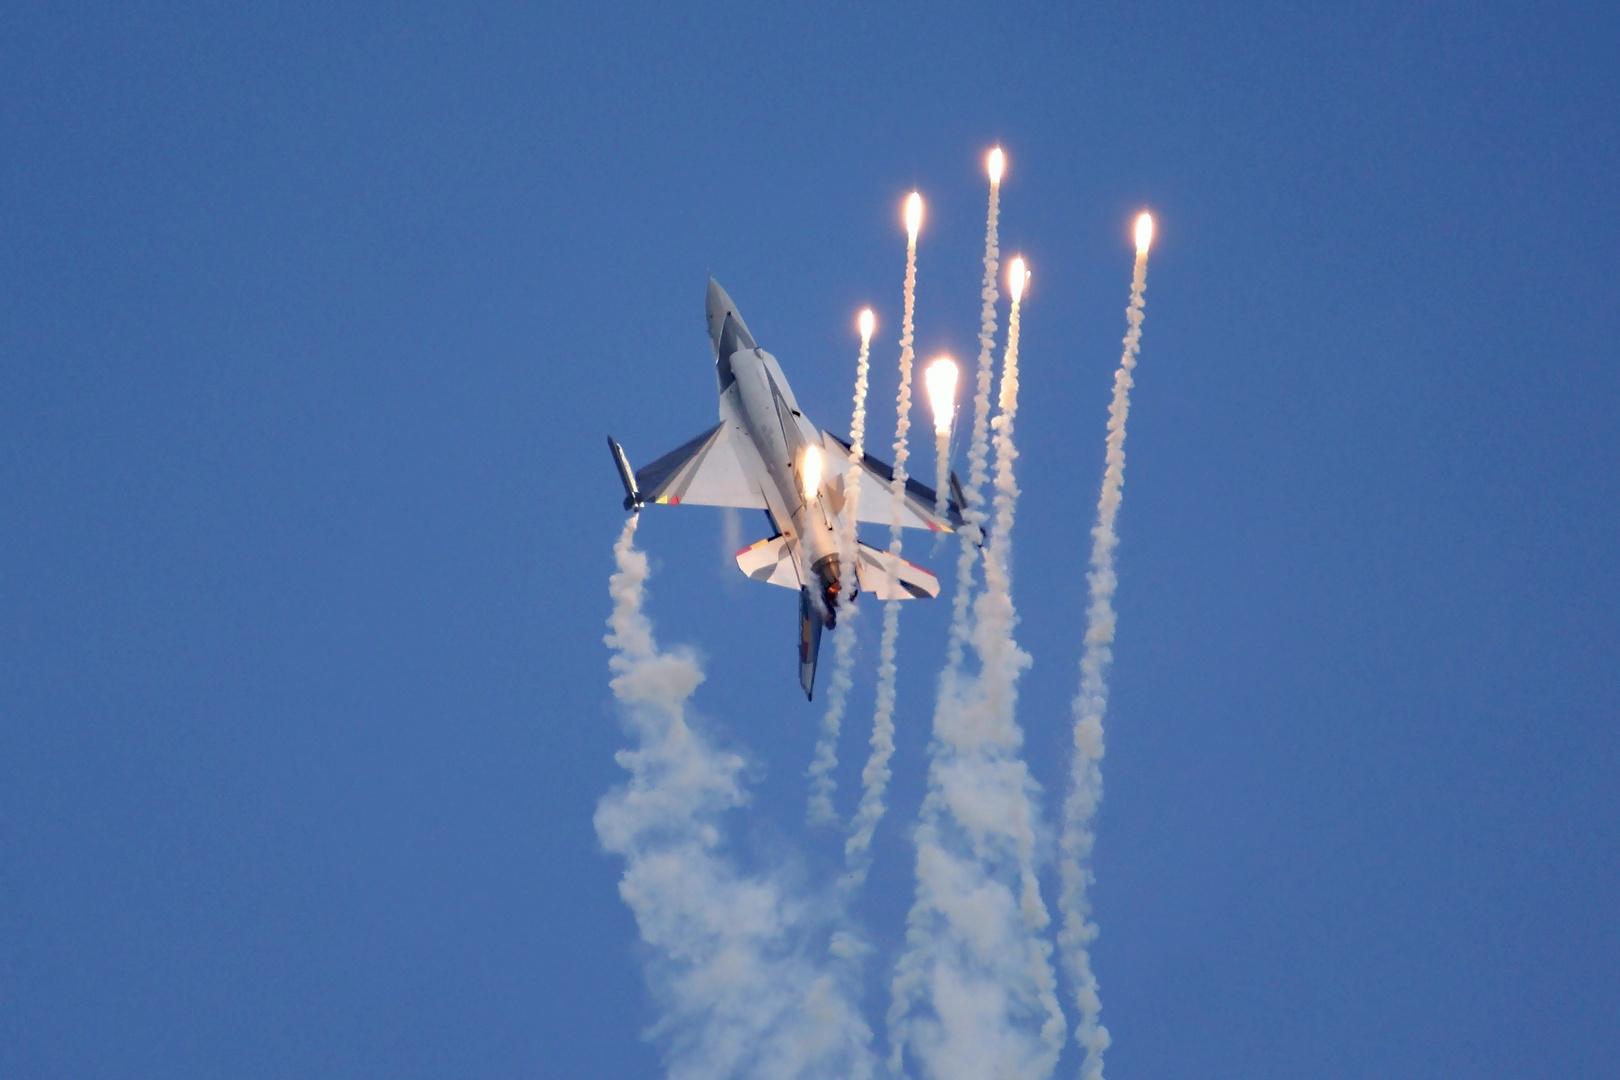 Airpower 2013 - Zeltweg/Austria - 29.06.2013 (2)